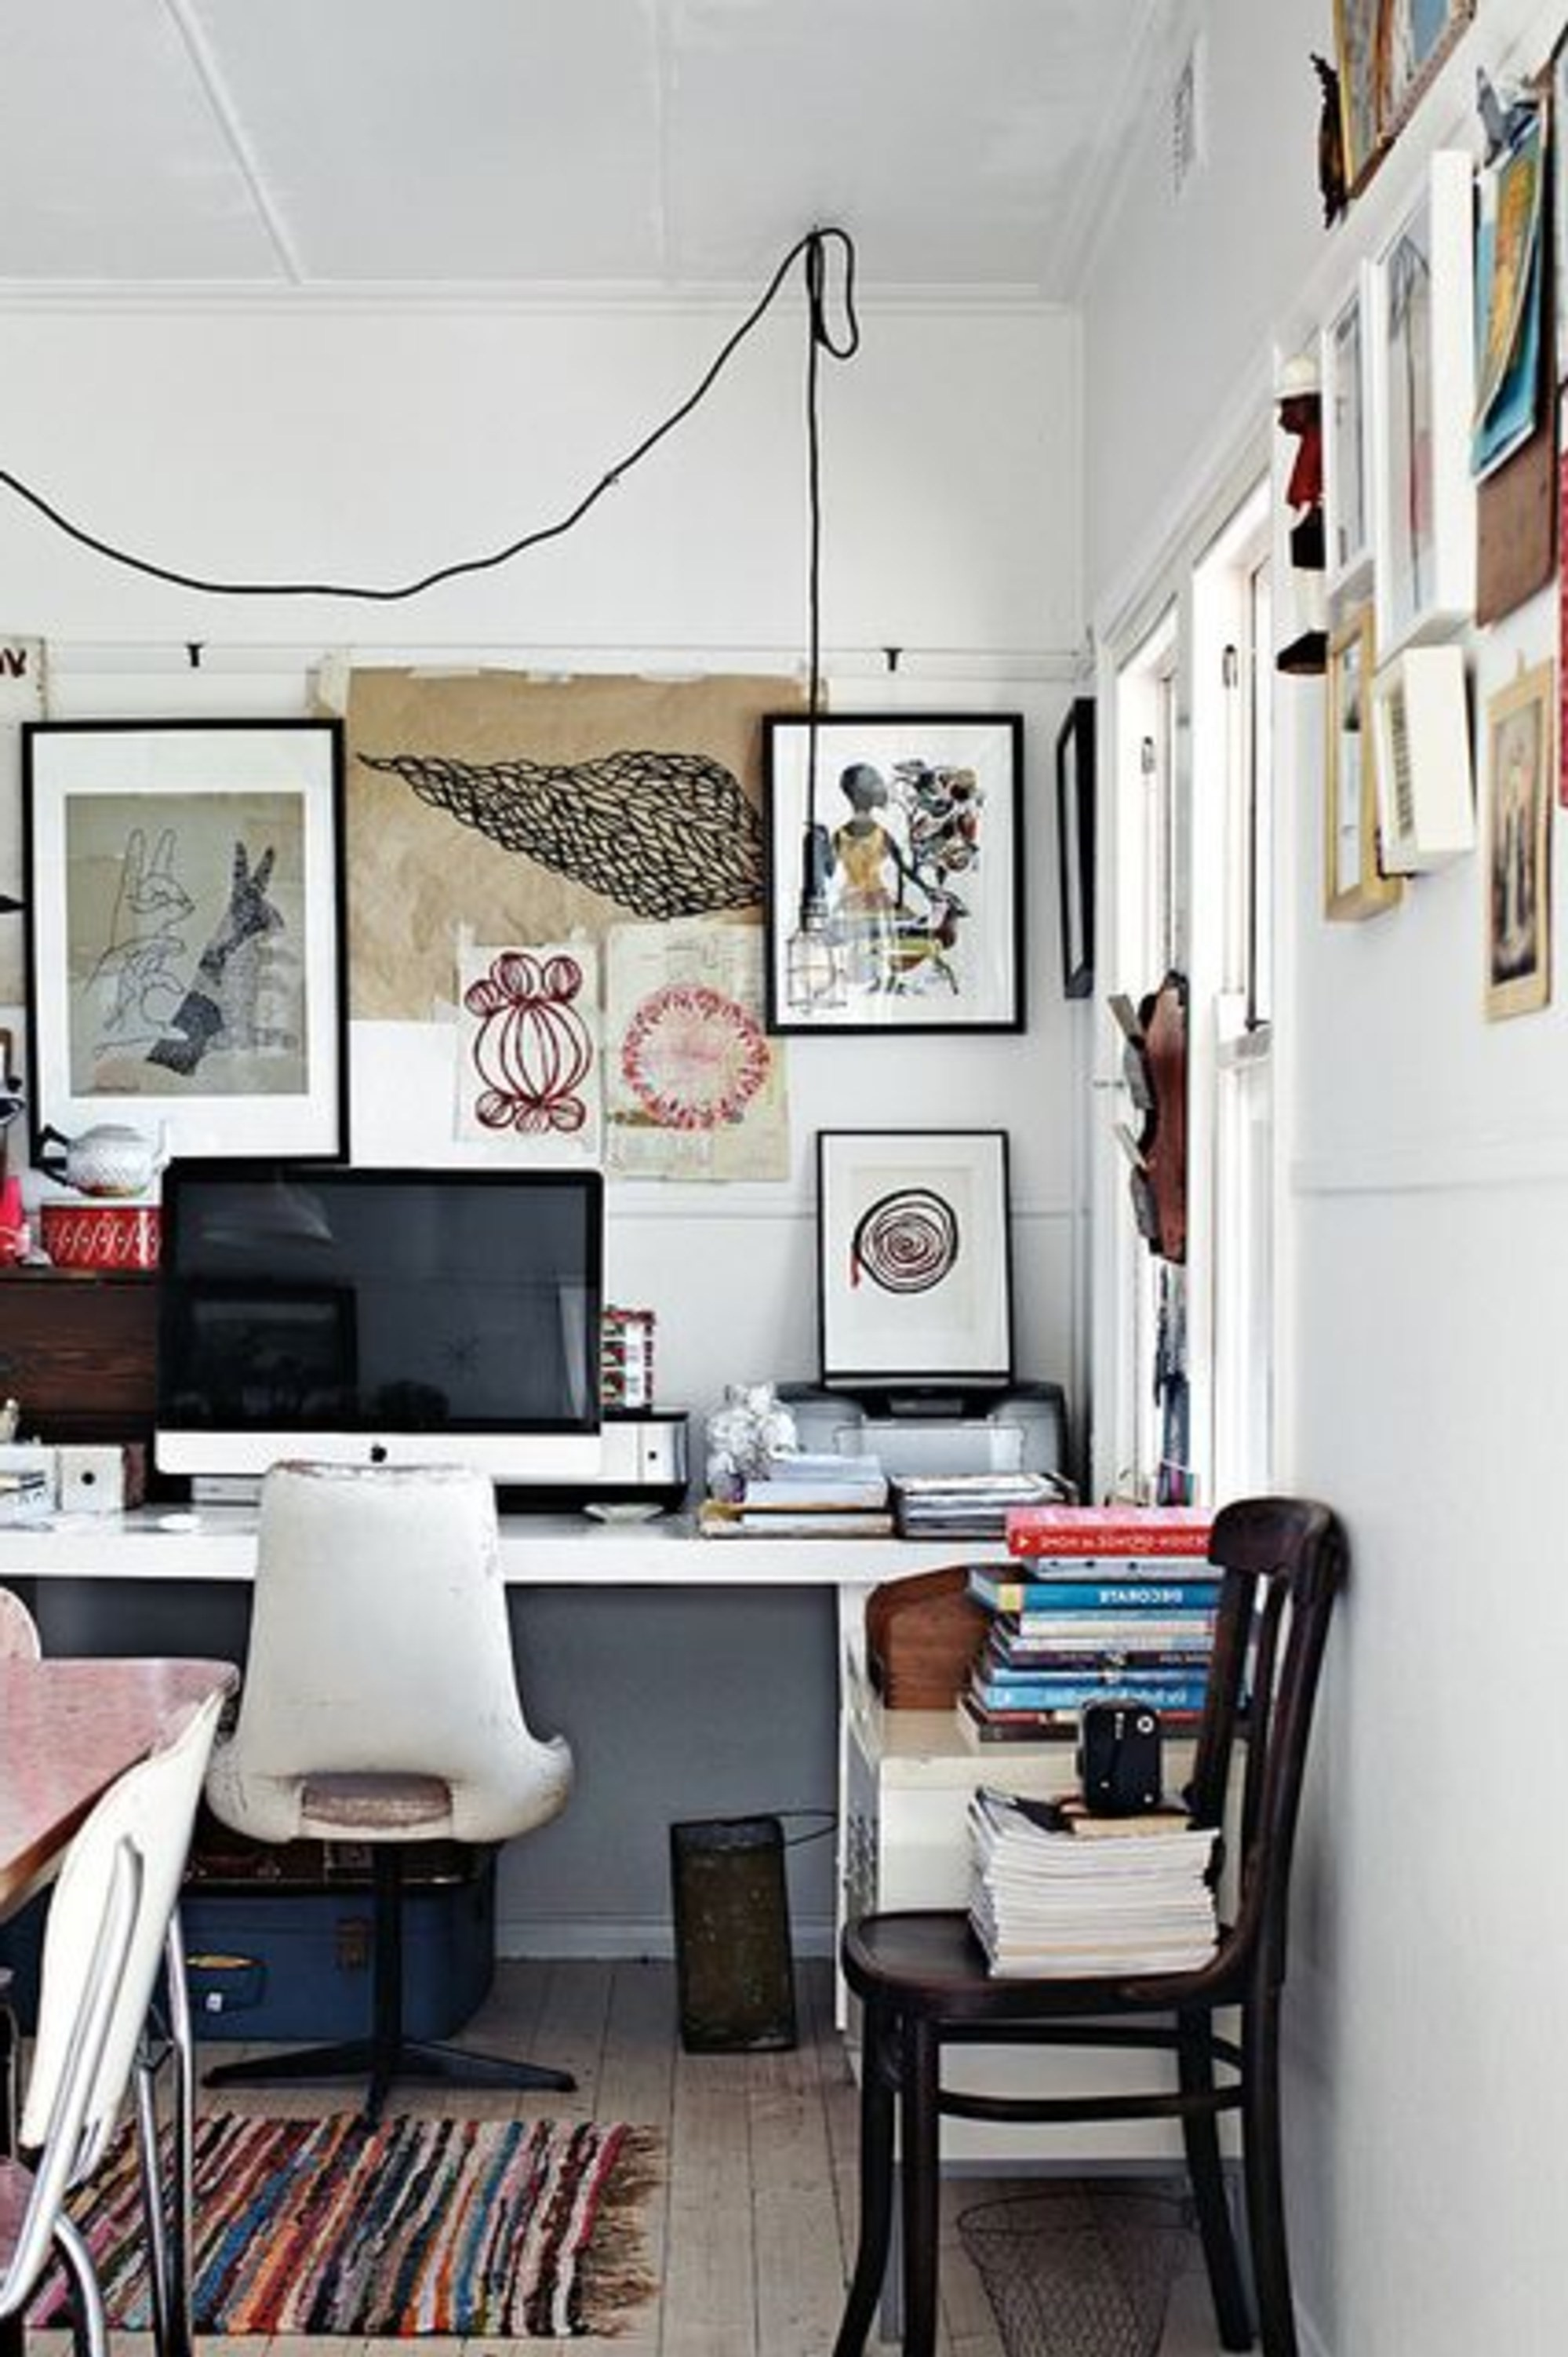 Utilisez la technologie pour rester connecté. Travailler à domicile peut vous aider à vous concentrer sur votre travail à court terme, mais vous pouvez aussi vous sentir isolé des opérations qui se déroulent au bureau.